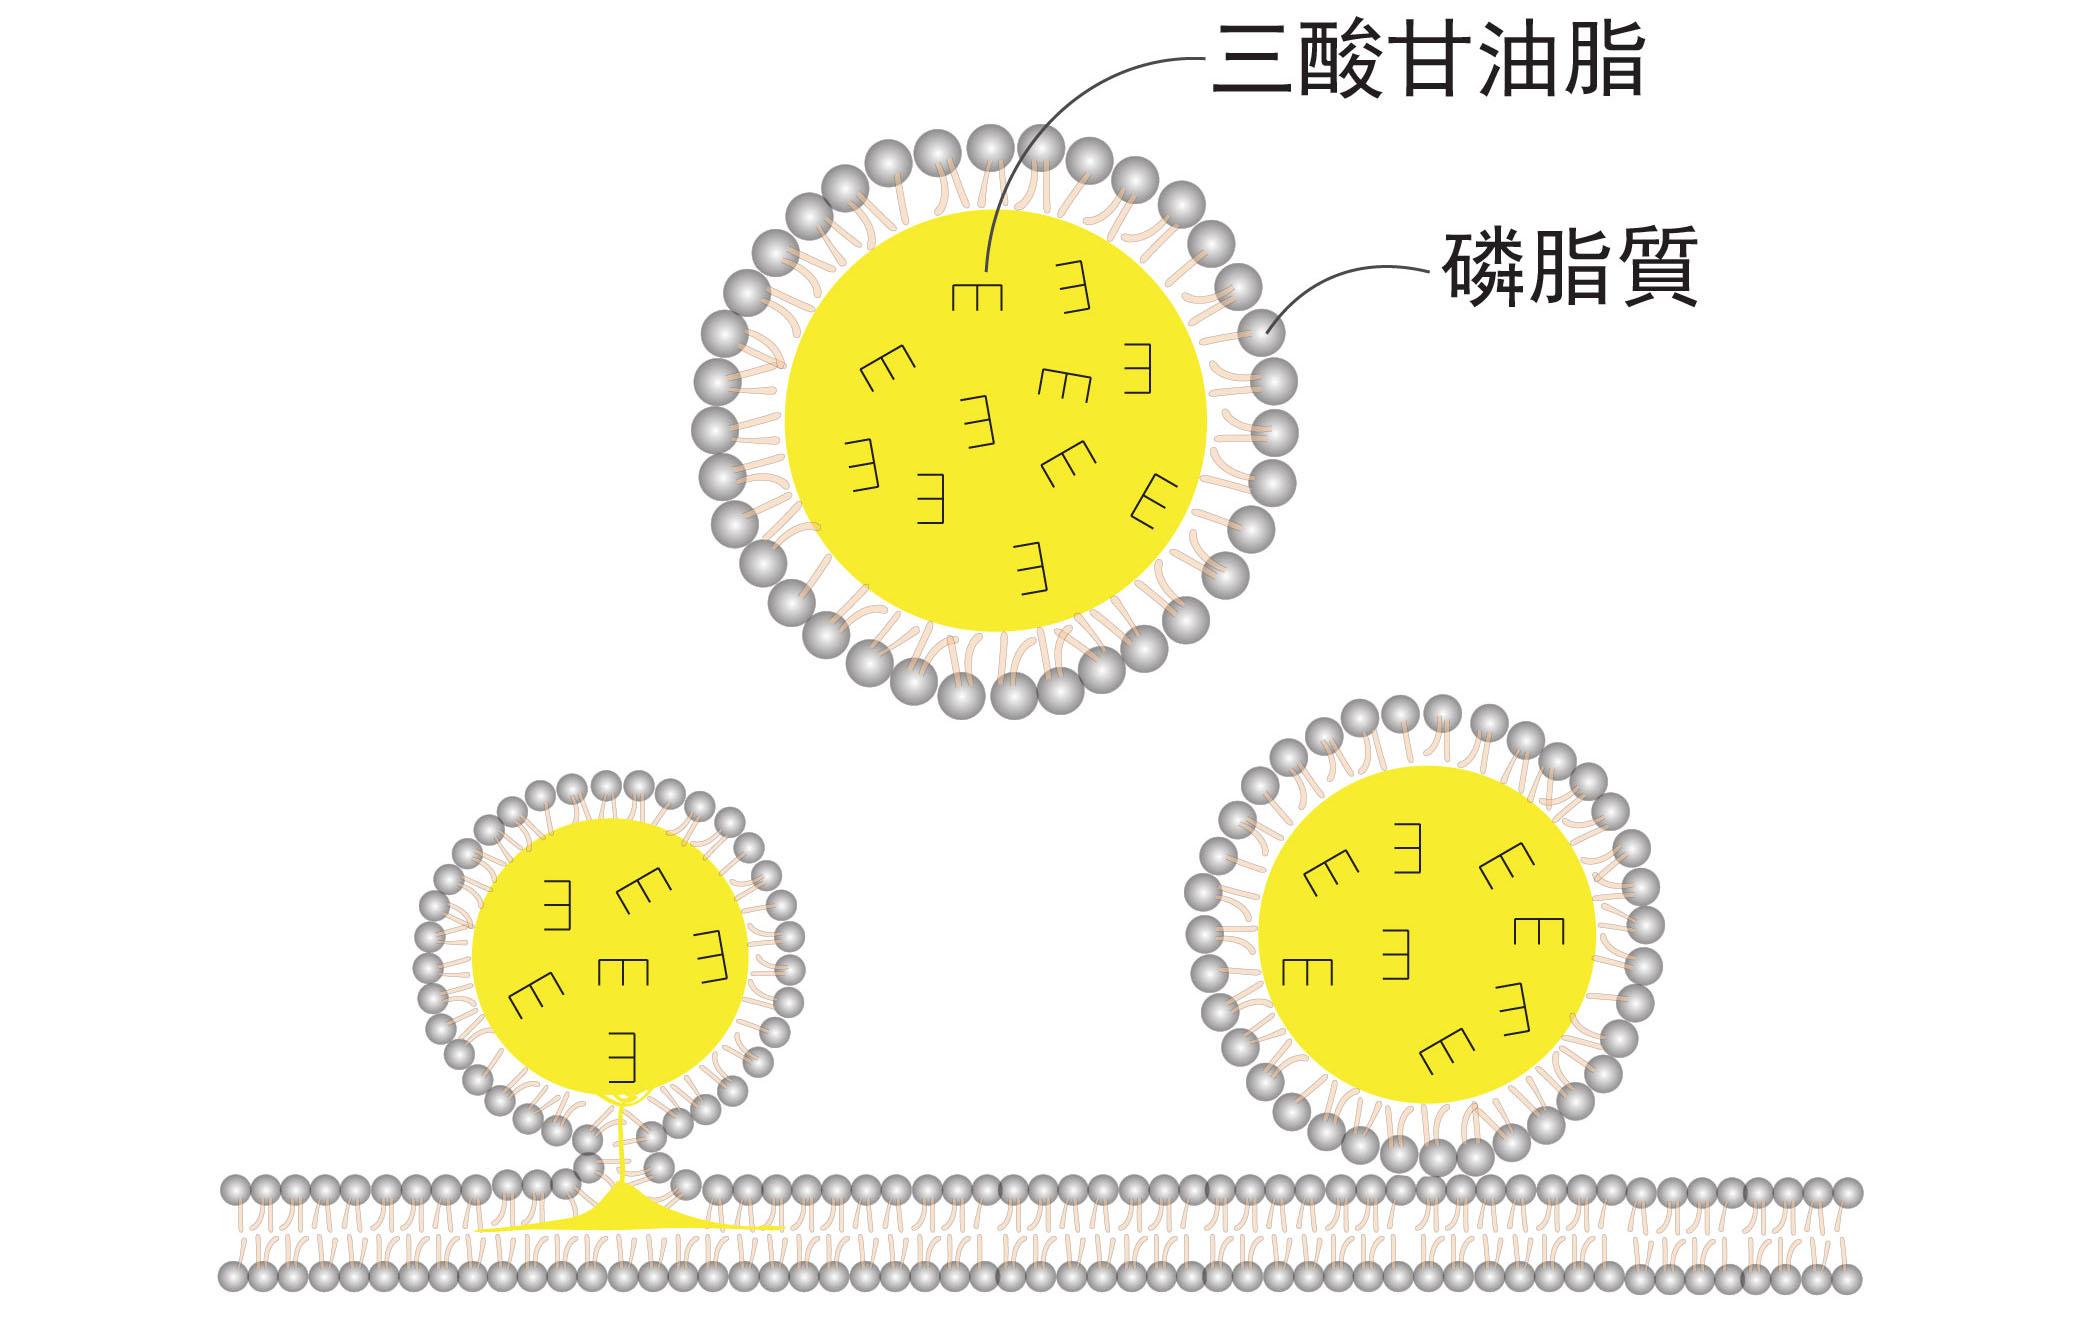 油滴的基本構造,就是一個脂肪球。外面一層膜由「磷脂質」組成,裡面包裹主要是類似「三酸甘油脂」之類的中性脂肪。油滴是從脂肪細胞中的內質網生成,它在細胞中的大小並不一致。圖│王昭雯